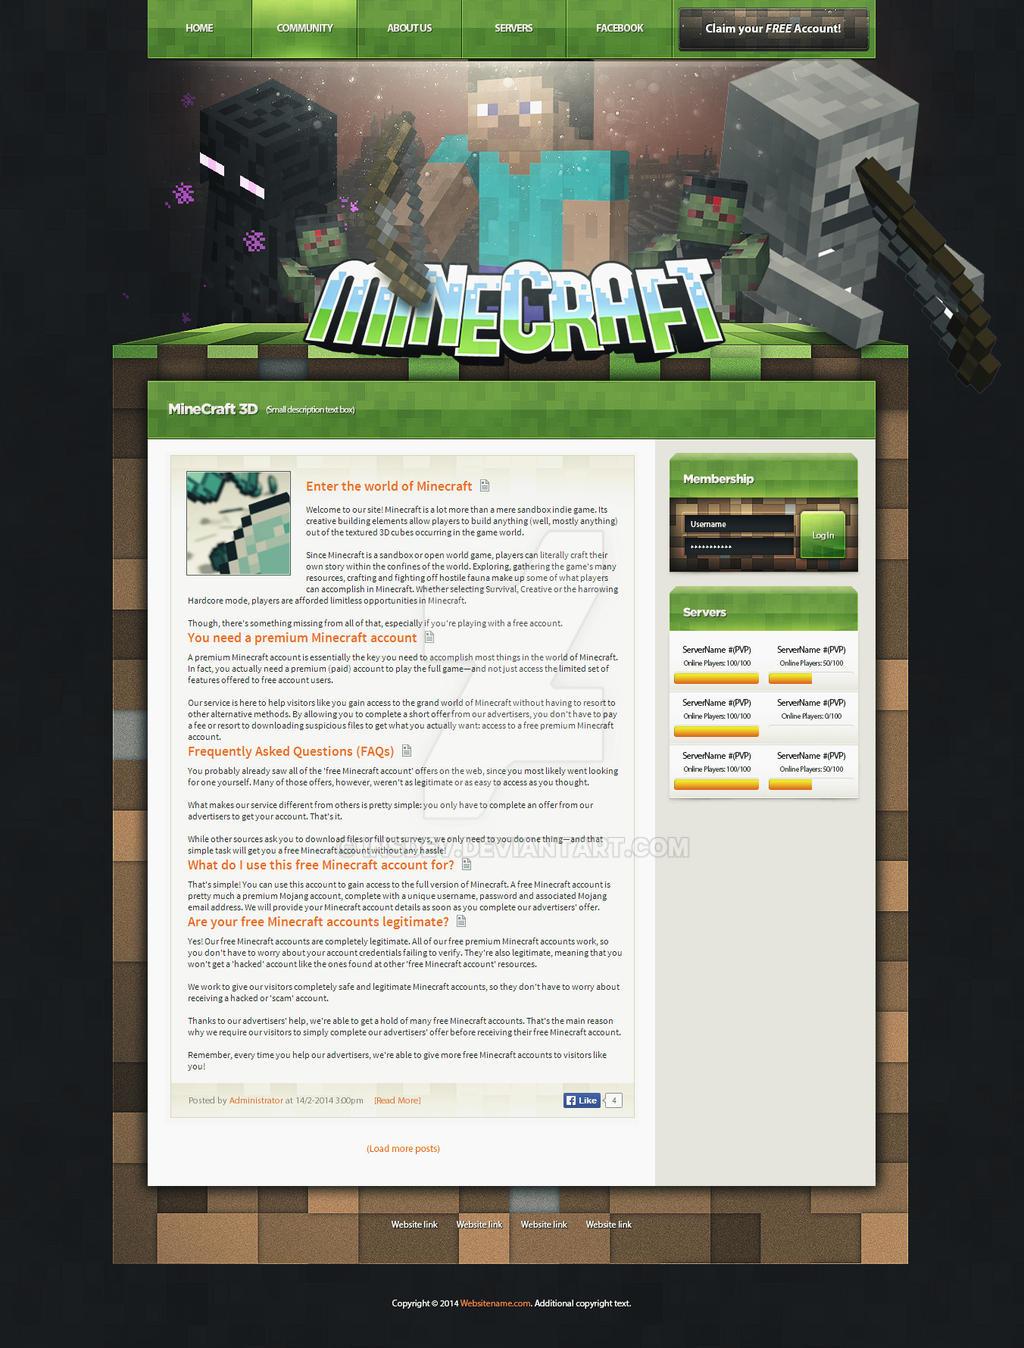 Minecraft 3d Site Web Design By Insdev On Deviantart